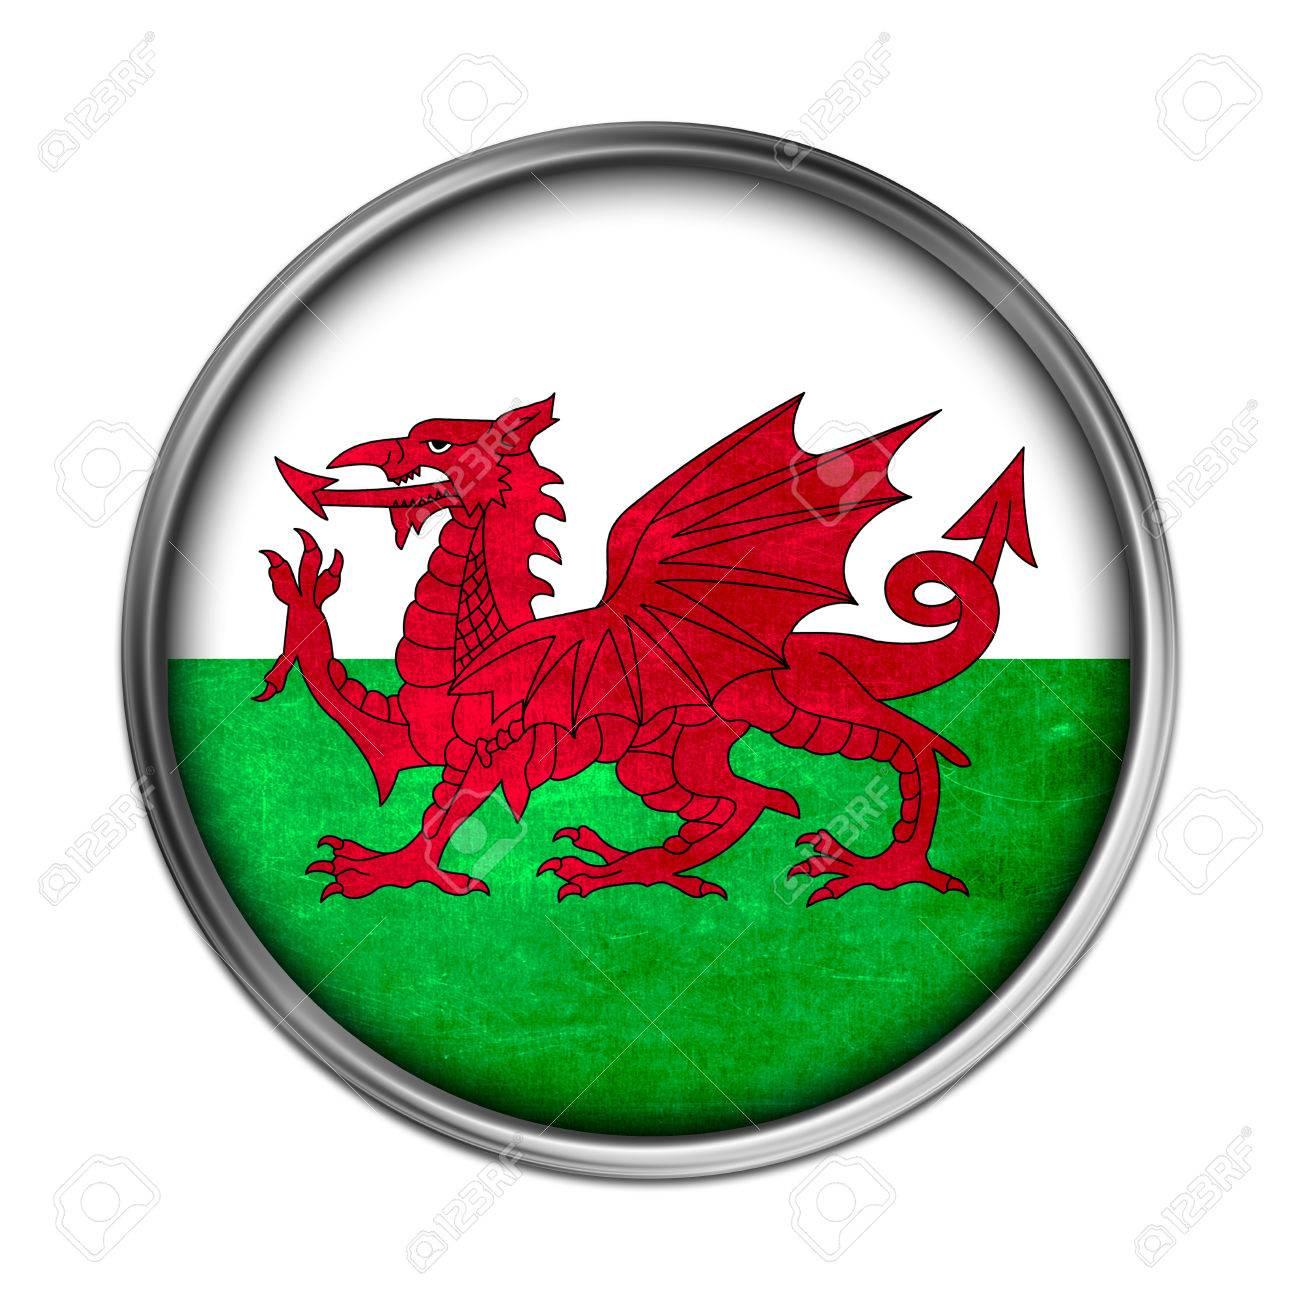 Botón De La Bandera De Gales Fotos, Retratos, Imágenes Y Fotografía ...